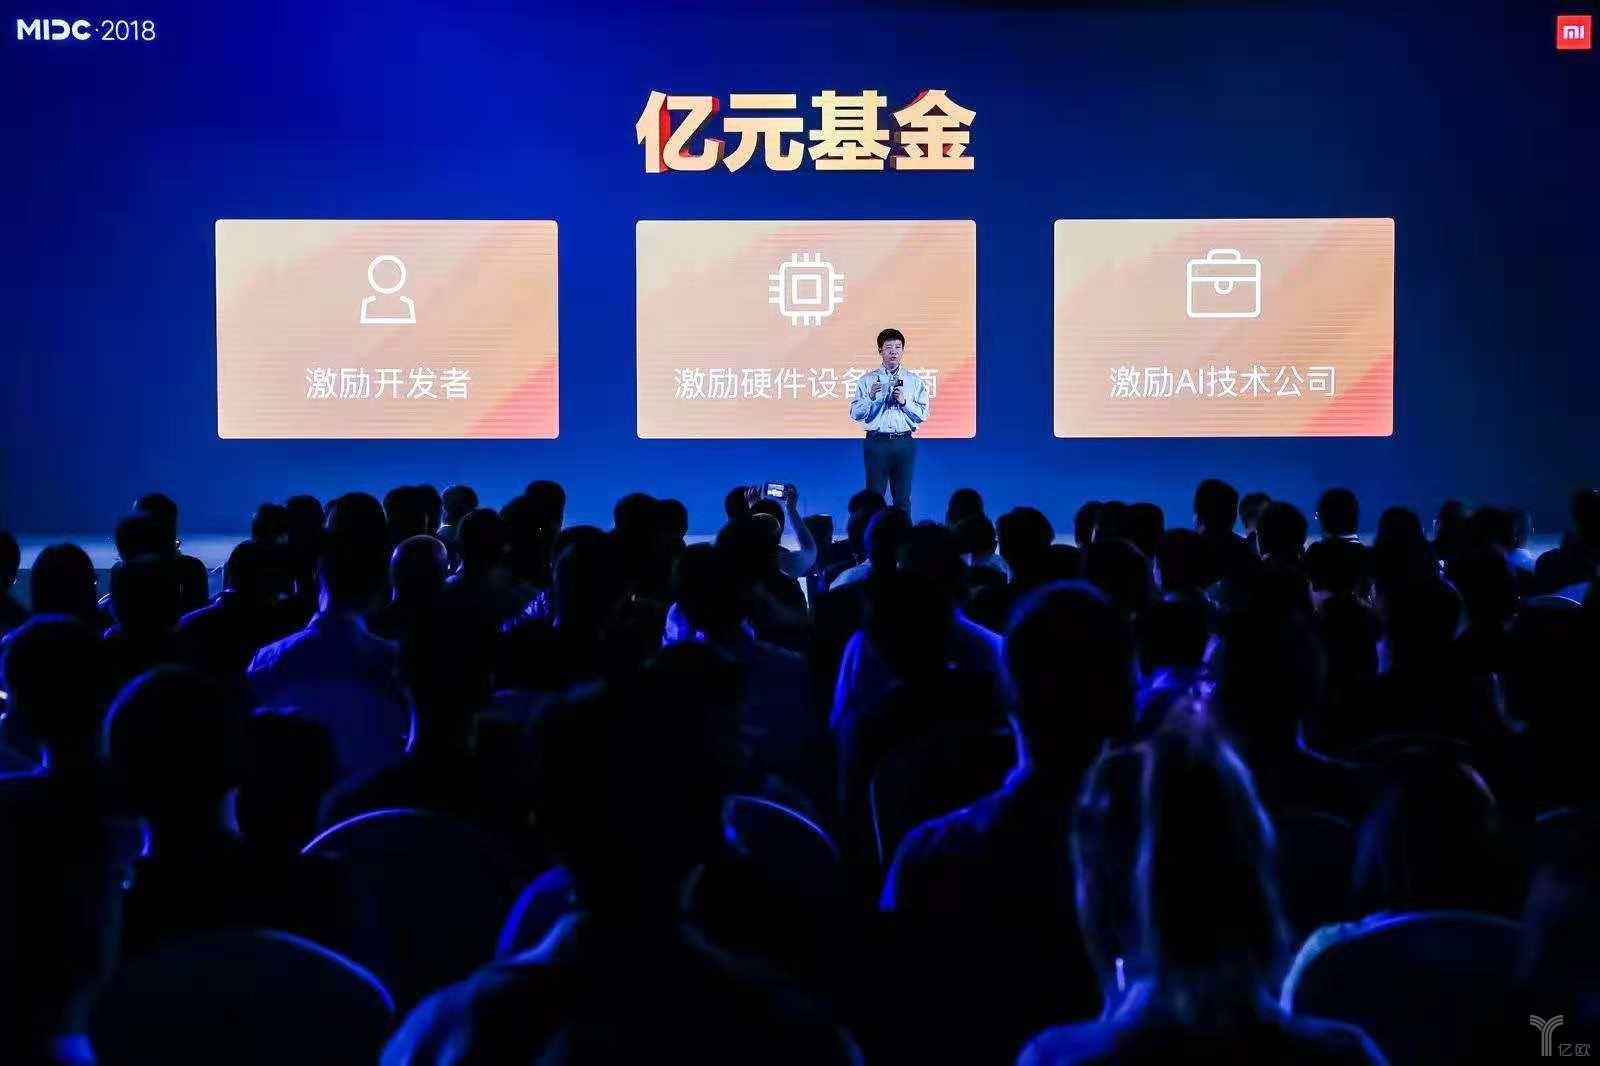 小米AIoT开发者大会丨宣布与宜家达成战略合作,设立亿元开发者基金